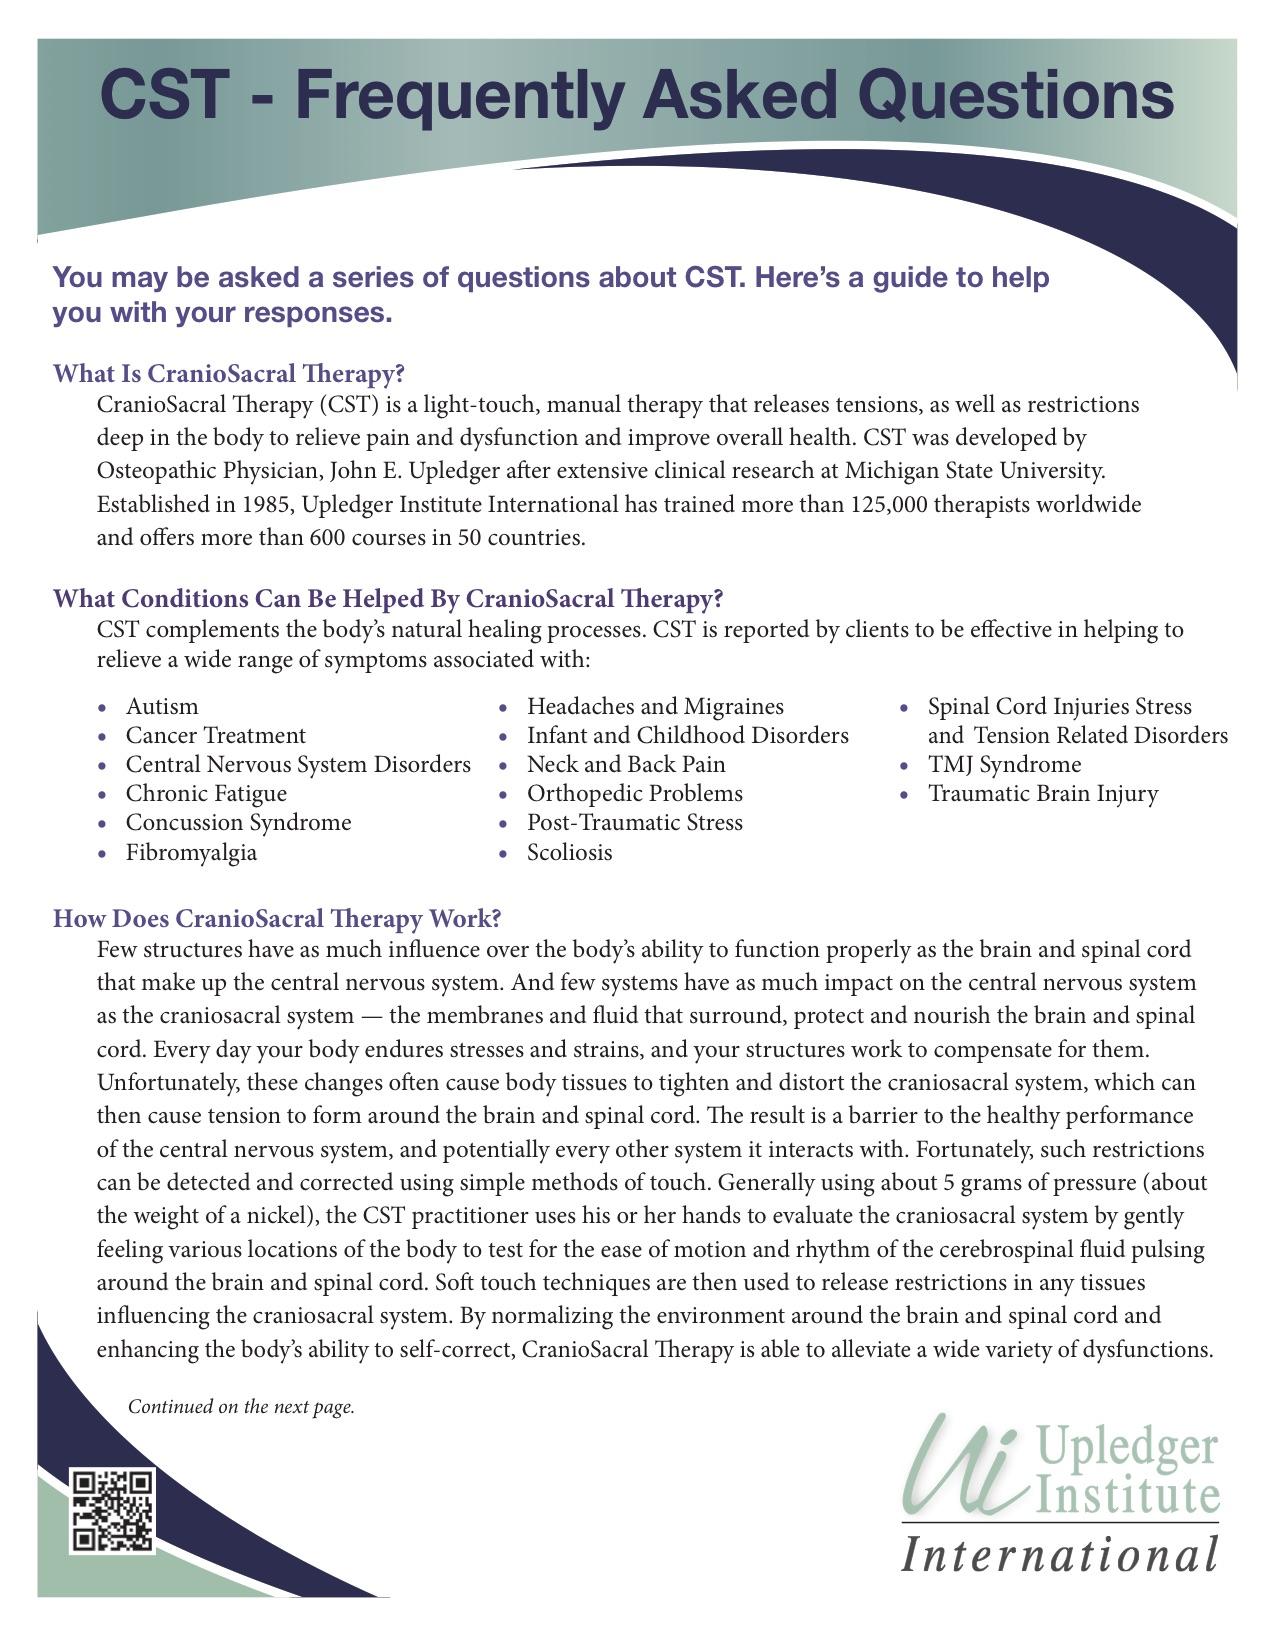 CranioSacral Therapy FAQ